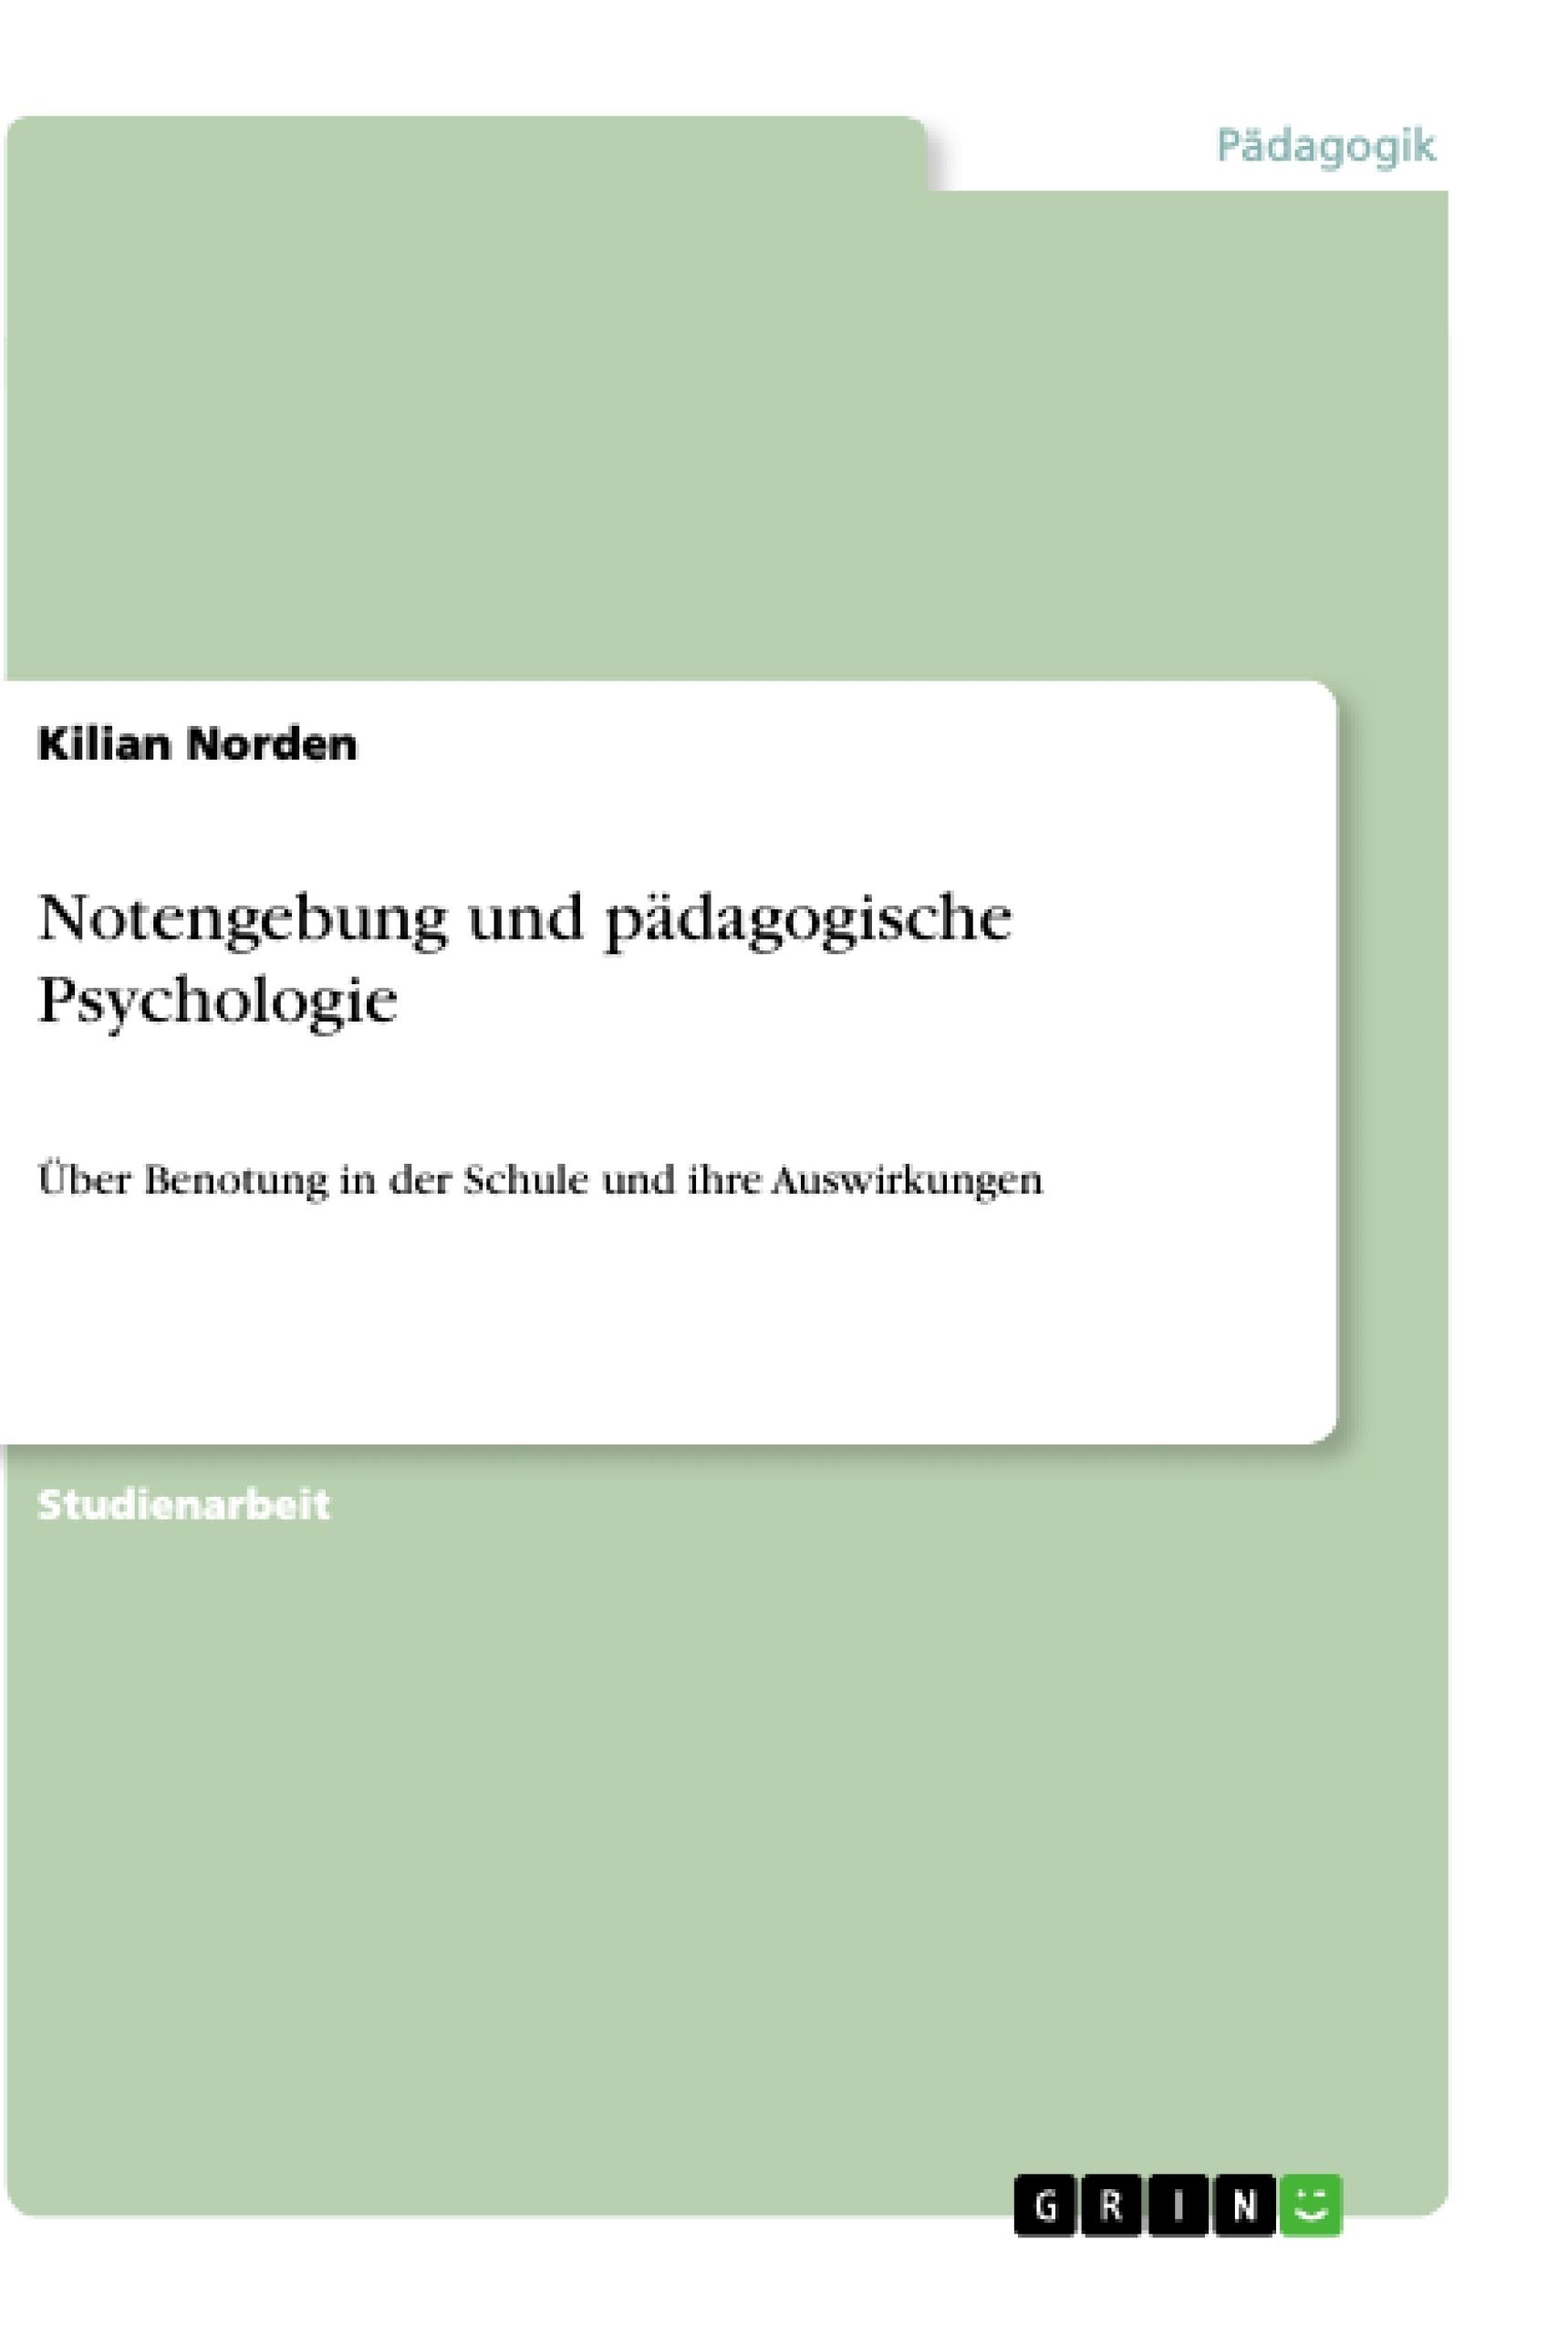 Titel: Notengebung und pädagogische Psychologie